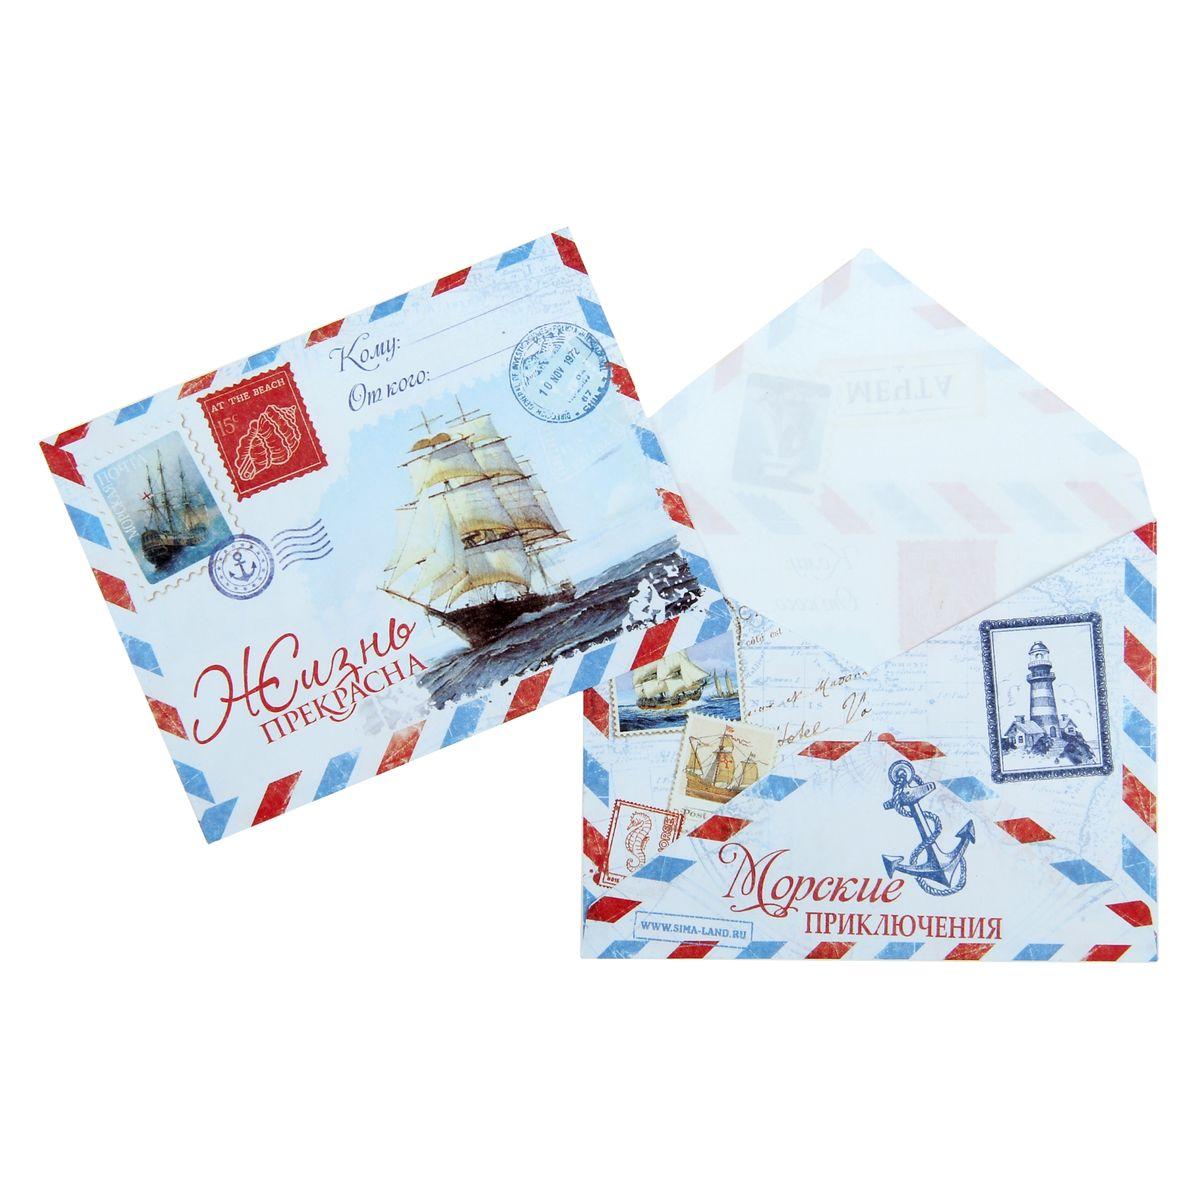 Конверт подарочный Морской конверт подарочный следуй за мечтой